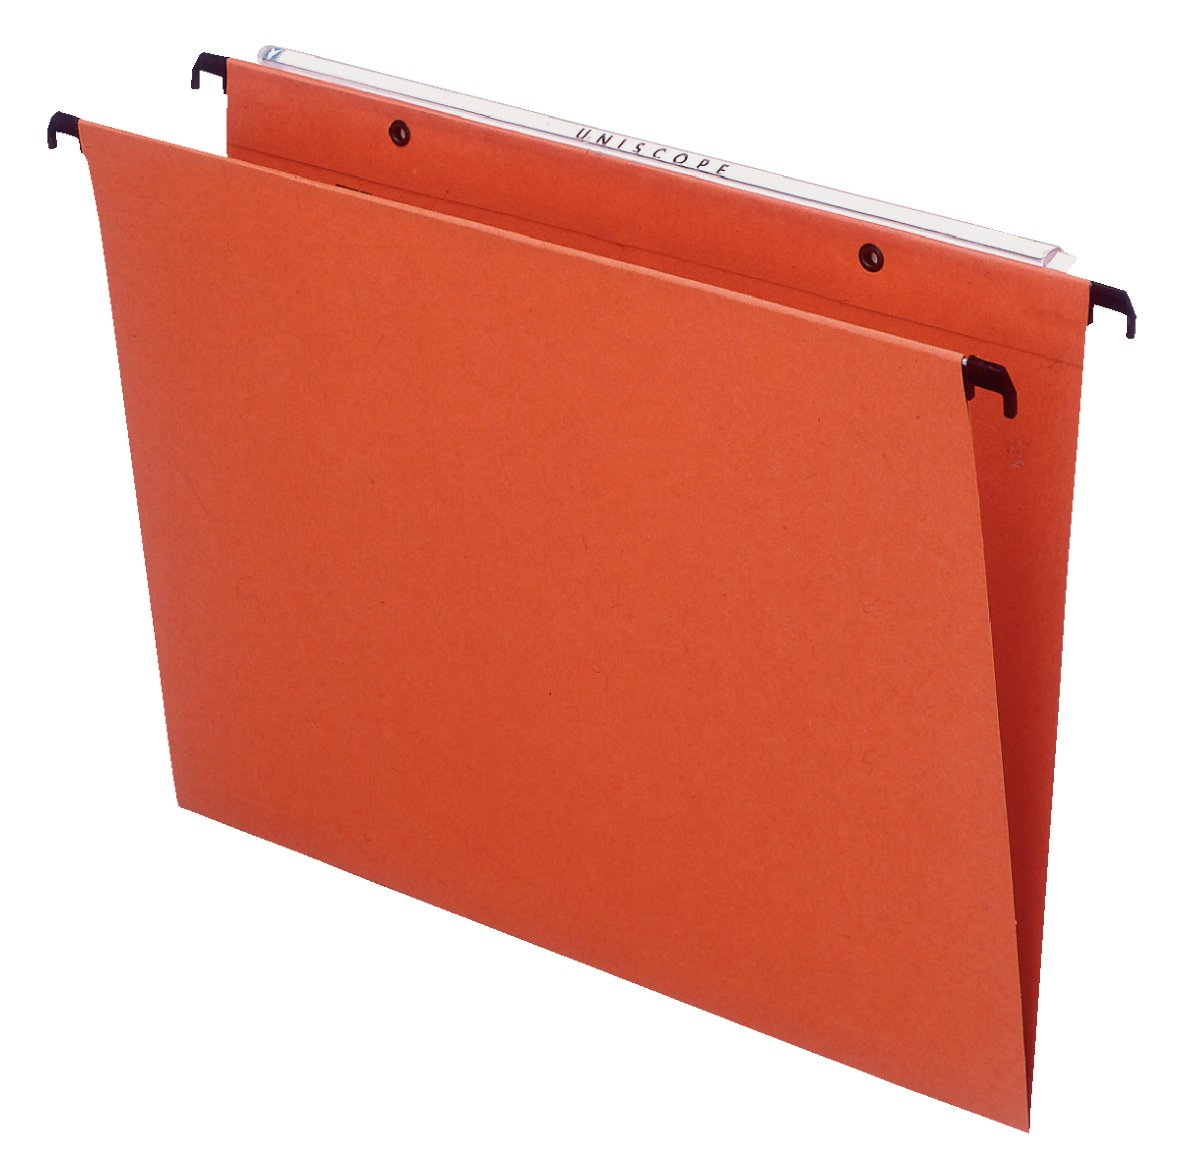 Esselte 10403 Orgarex Kori - Cartella sospesa verticale con fondo a U 3 cm, Interasse 39 cm, Capacità estesa alla base, Cartoncino riciclato rinforzato, Barra metallica, Portaetichette incluso, Arancione, Confezione da 50 Arancione Leitz